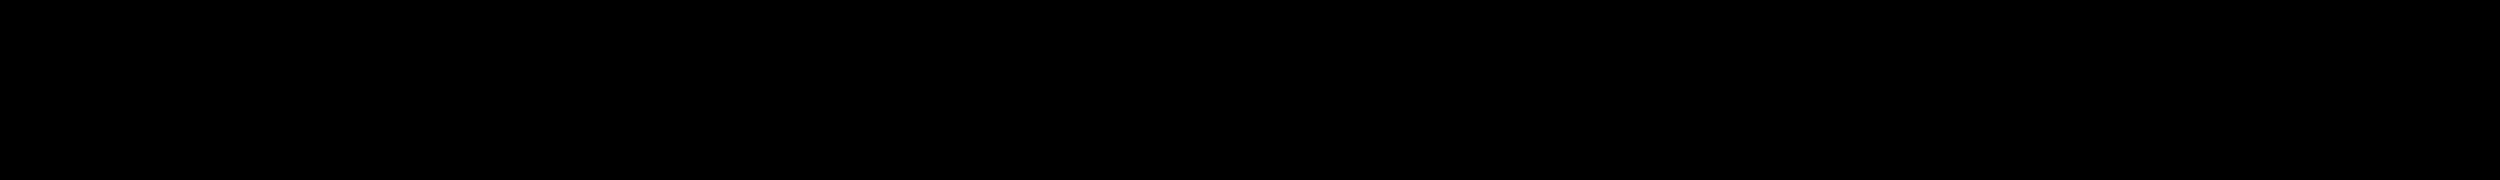 Logo - Transparent